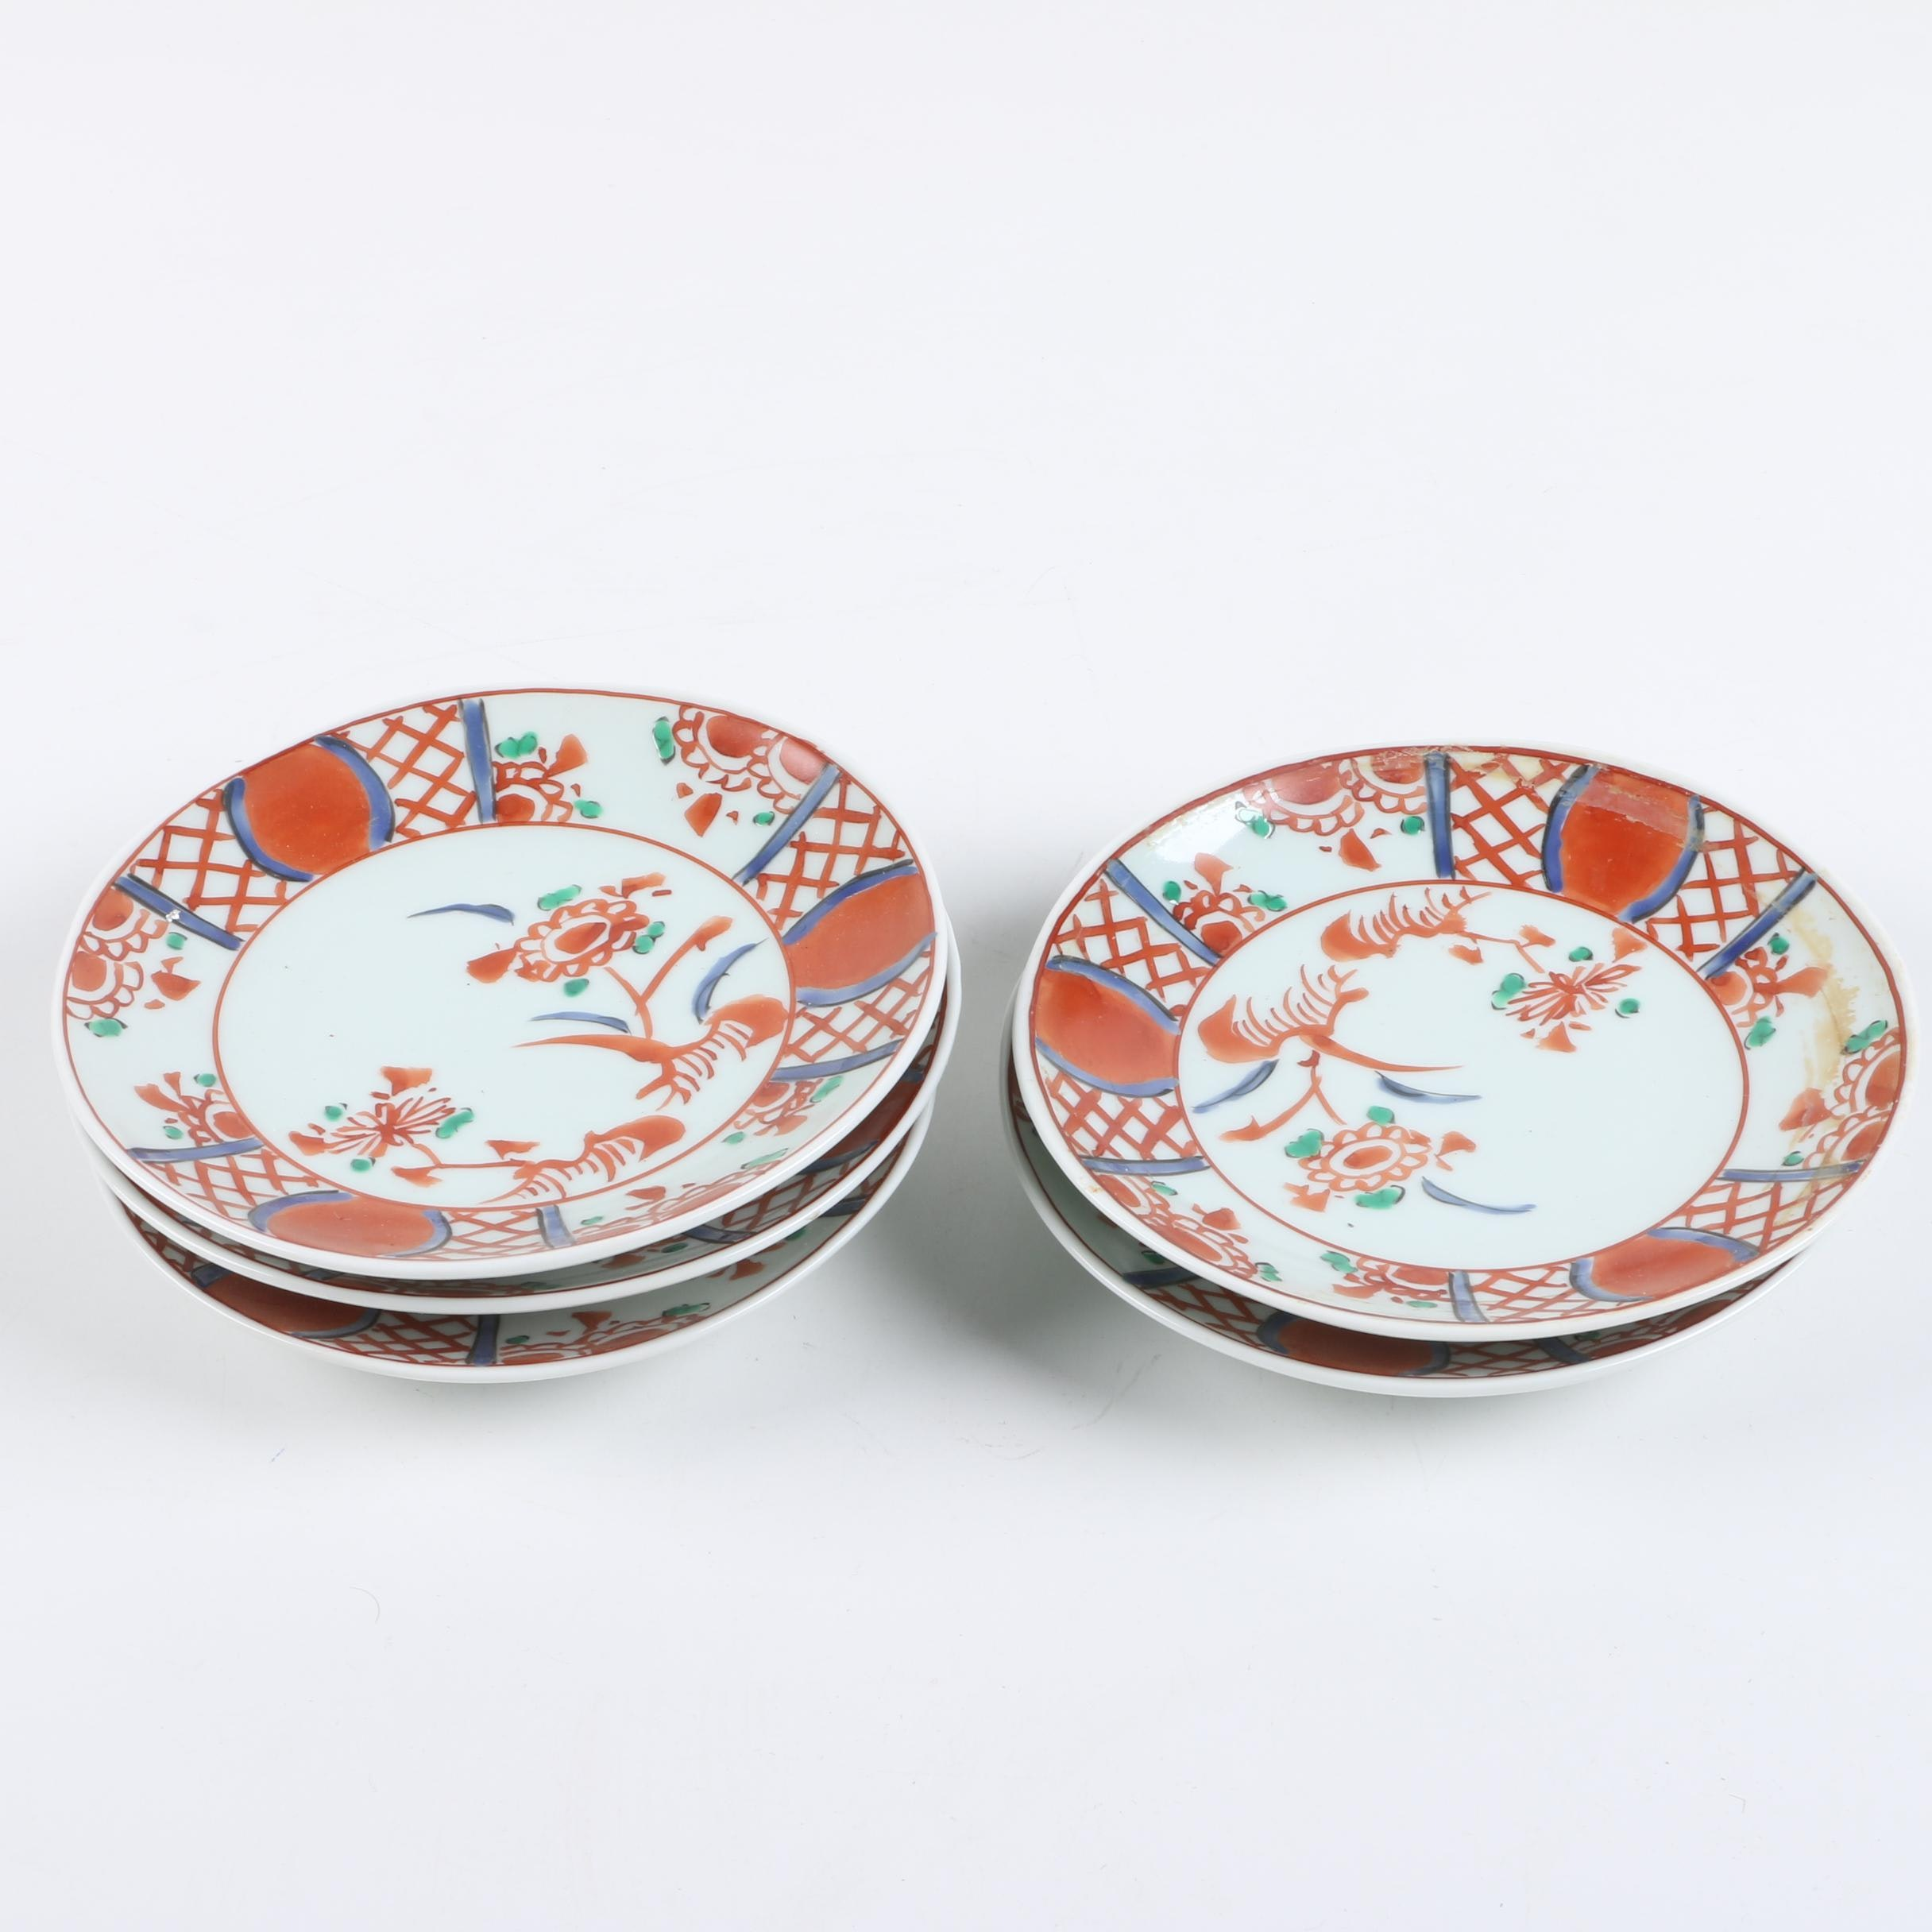 Asian Style Plates ...  sc 1 st  EBTH.com & Asian Style Plates : EBTH